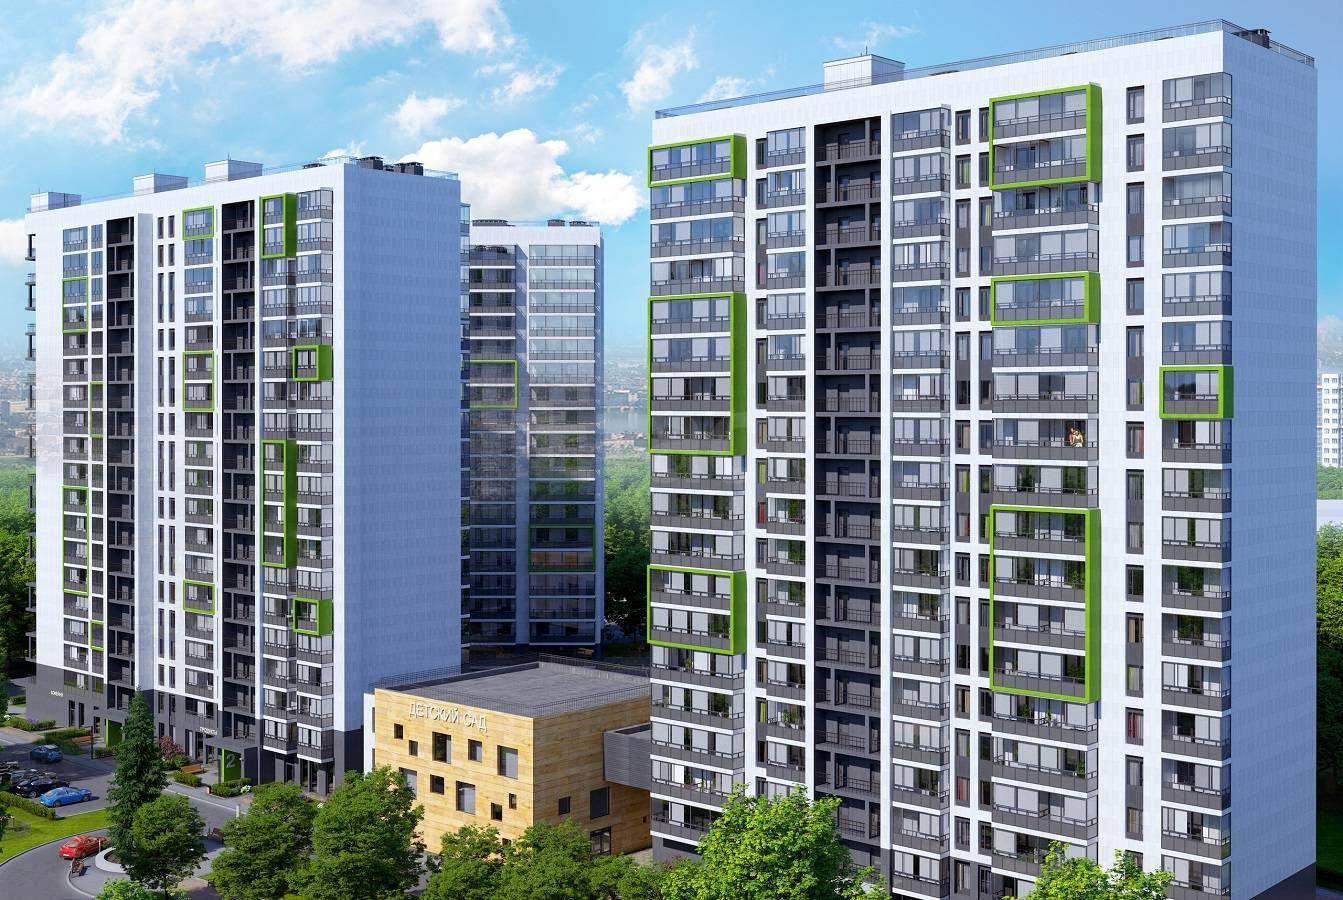 e0f611c5f012d ЖК Q-мир (Кумир) в Спб: купить квартиру по ценам застройщика в жилом  комплексе Q-мир (Кумир) в Санкт-Петербурге, планировки, Этажи официальный  сайт